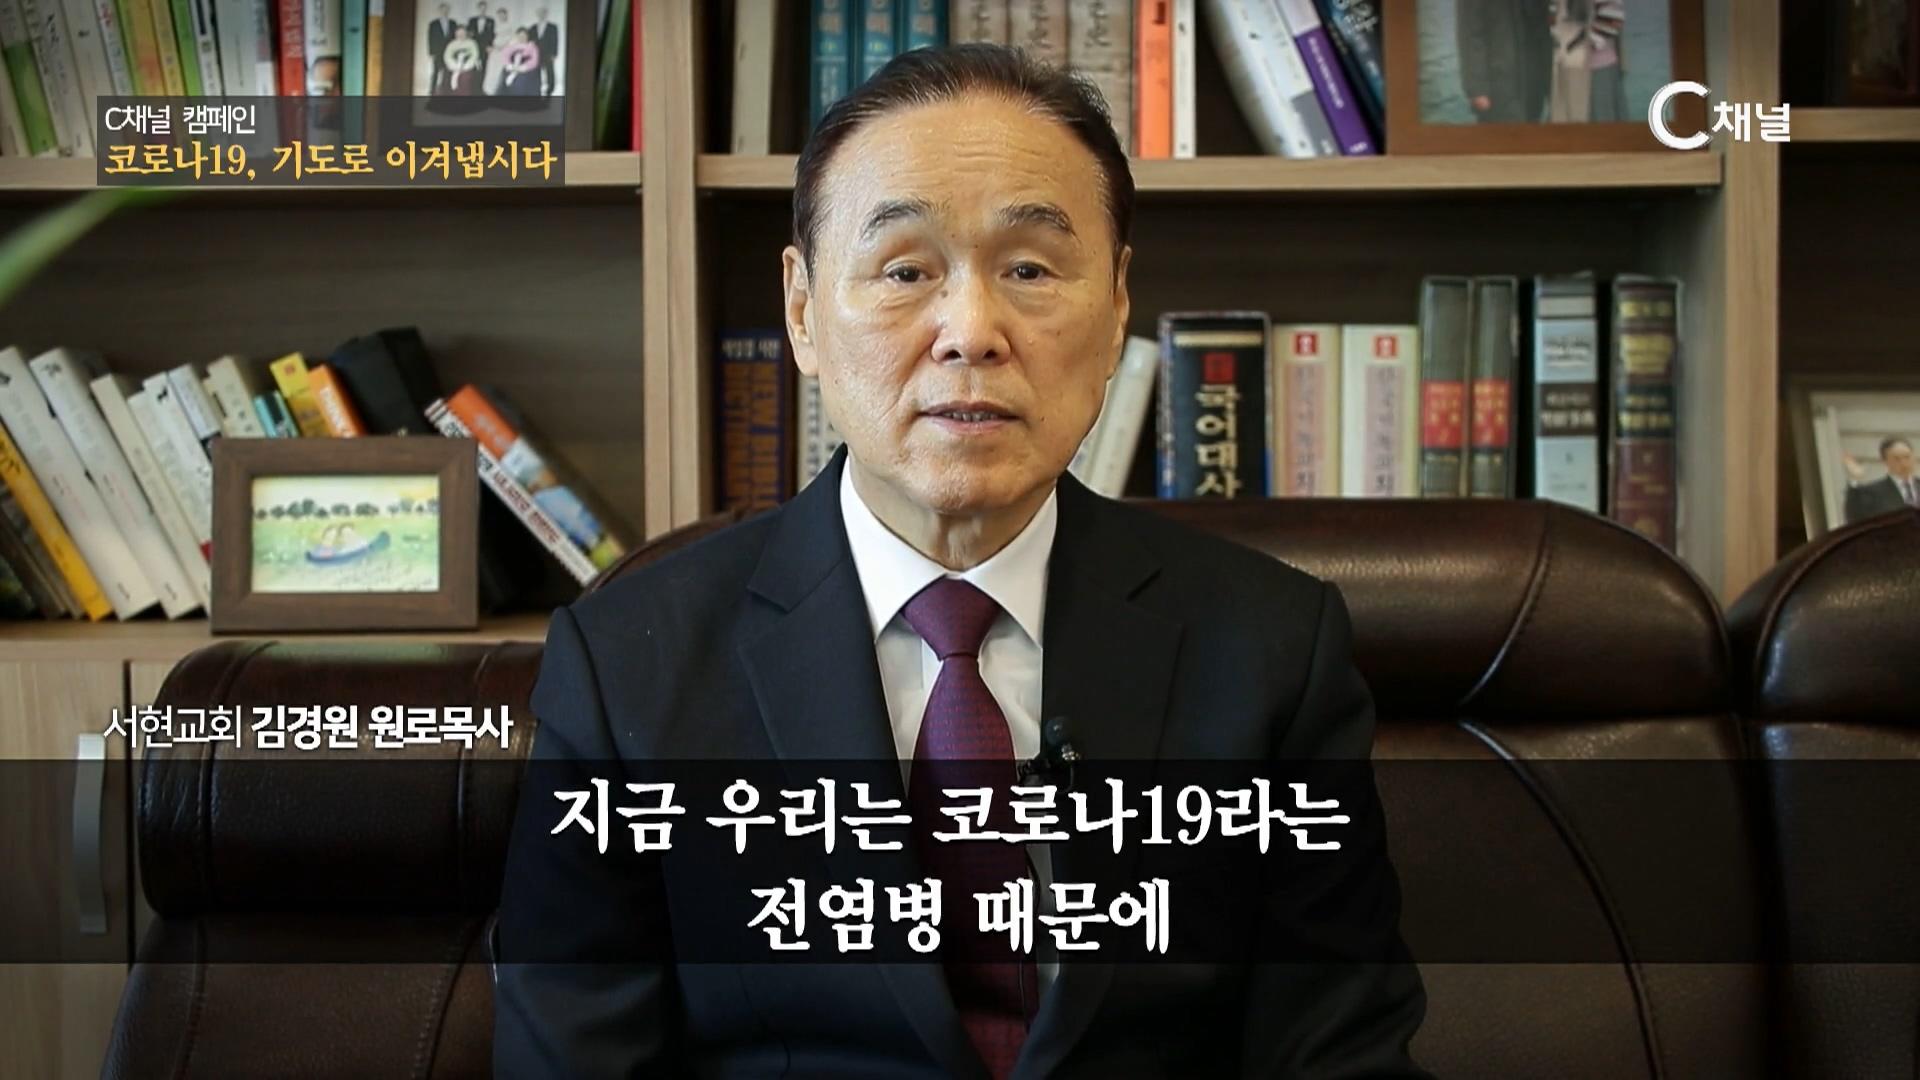 [C채널 캠페인] 코로나19, 기도로 이겨냅시다 - 김경원 원로 목사